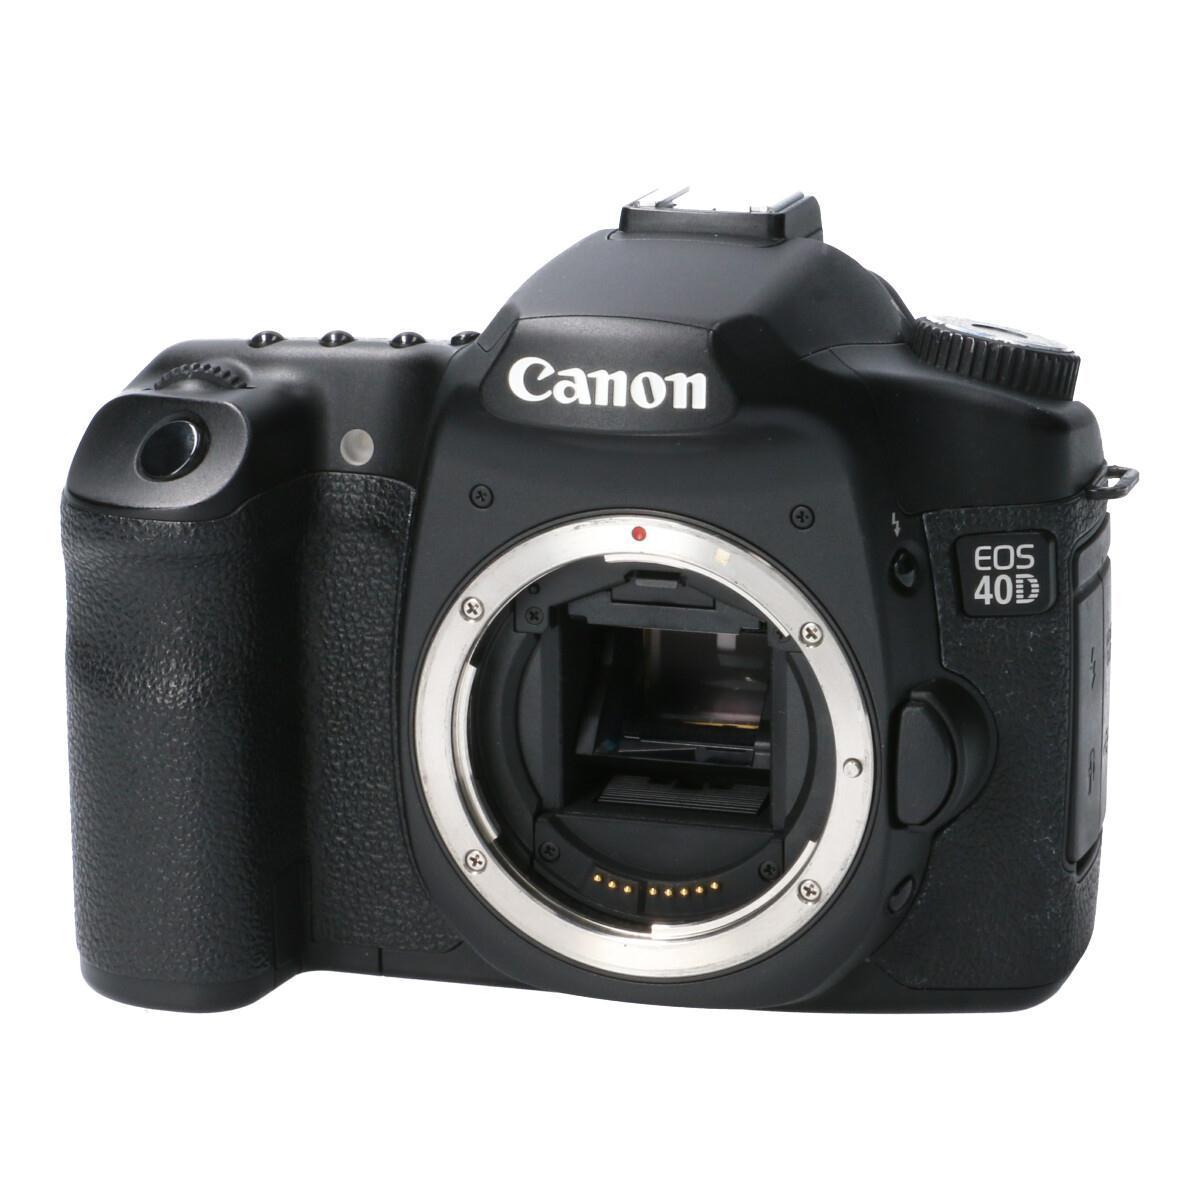 デジタルカメラ, デジタル一眼レフカメラ CANON EOS40D